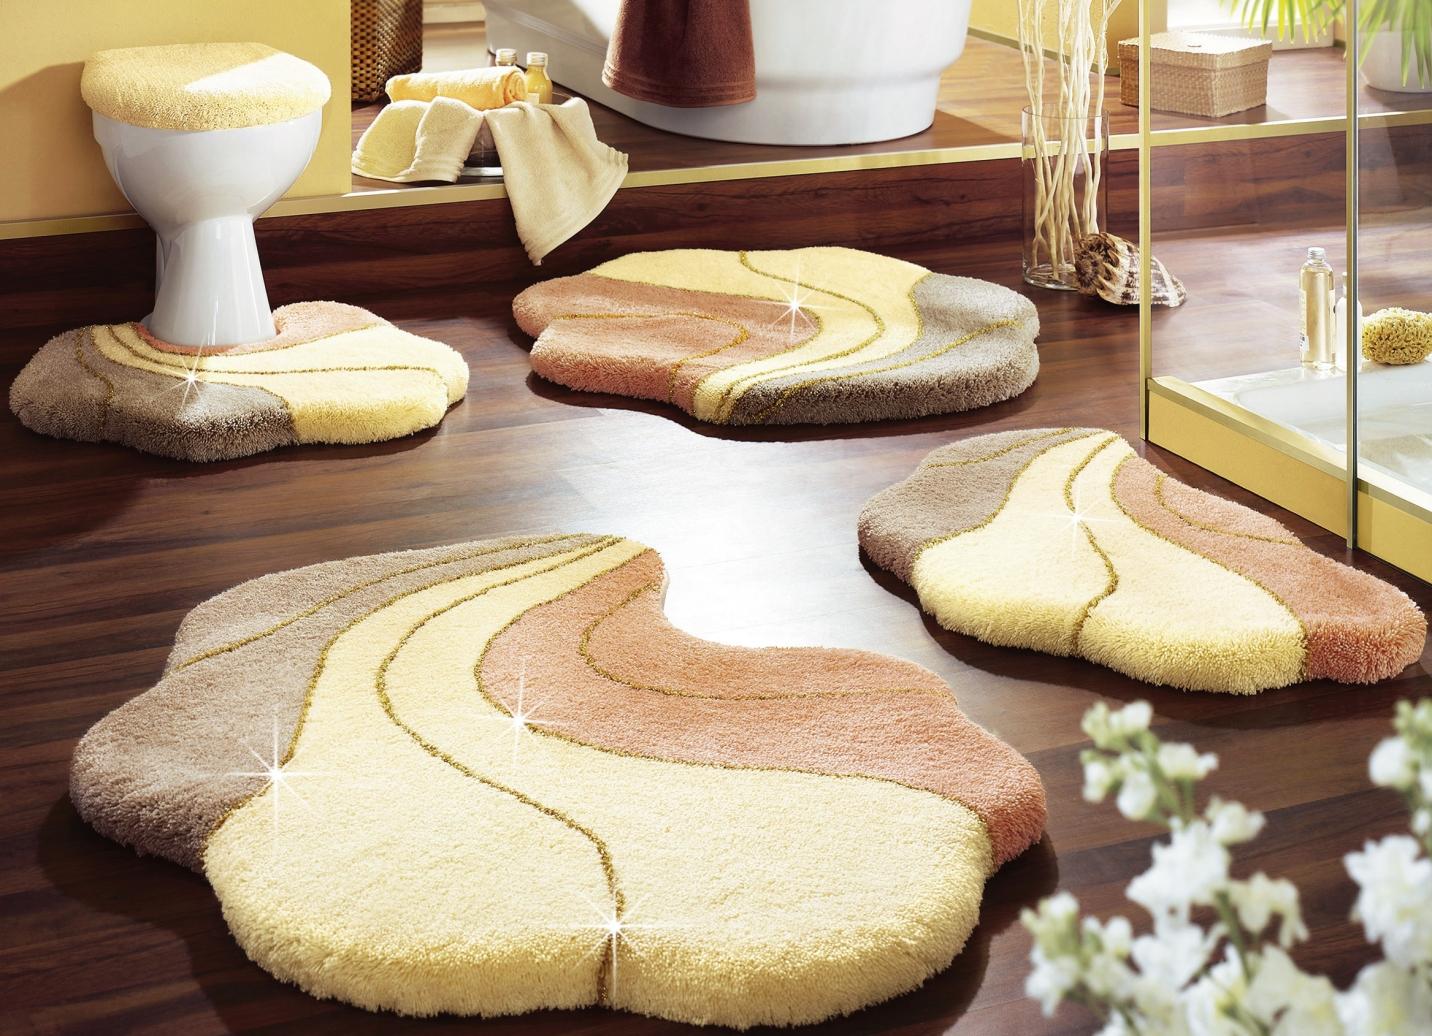 grund badgarnitur in verschiedenen farben badteppiche bader. Black Bedroom Furniture Sets. Home Design Ideas